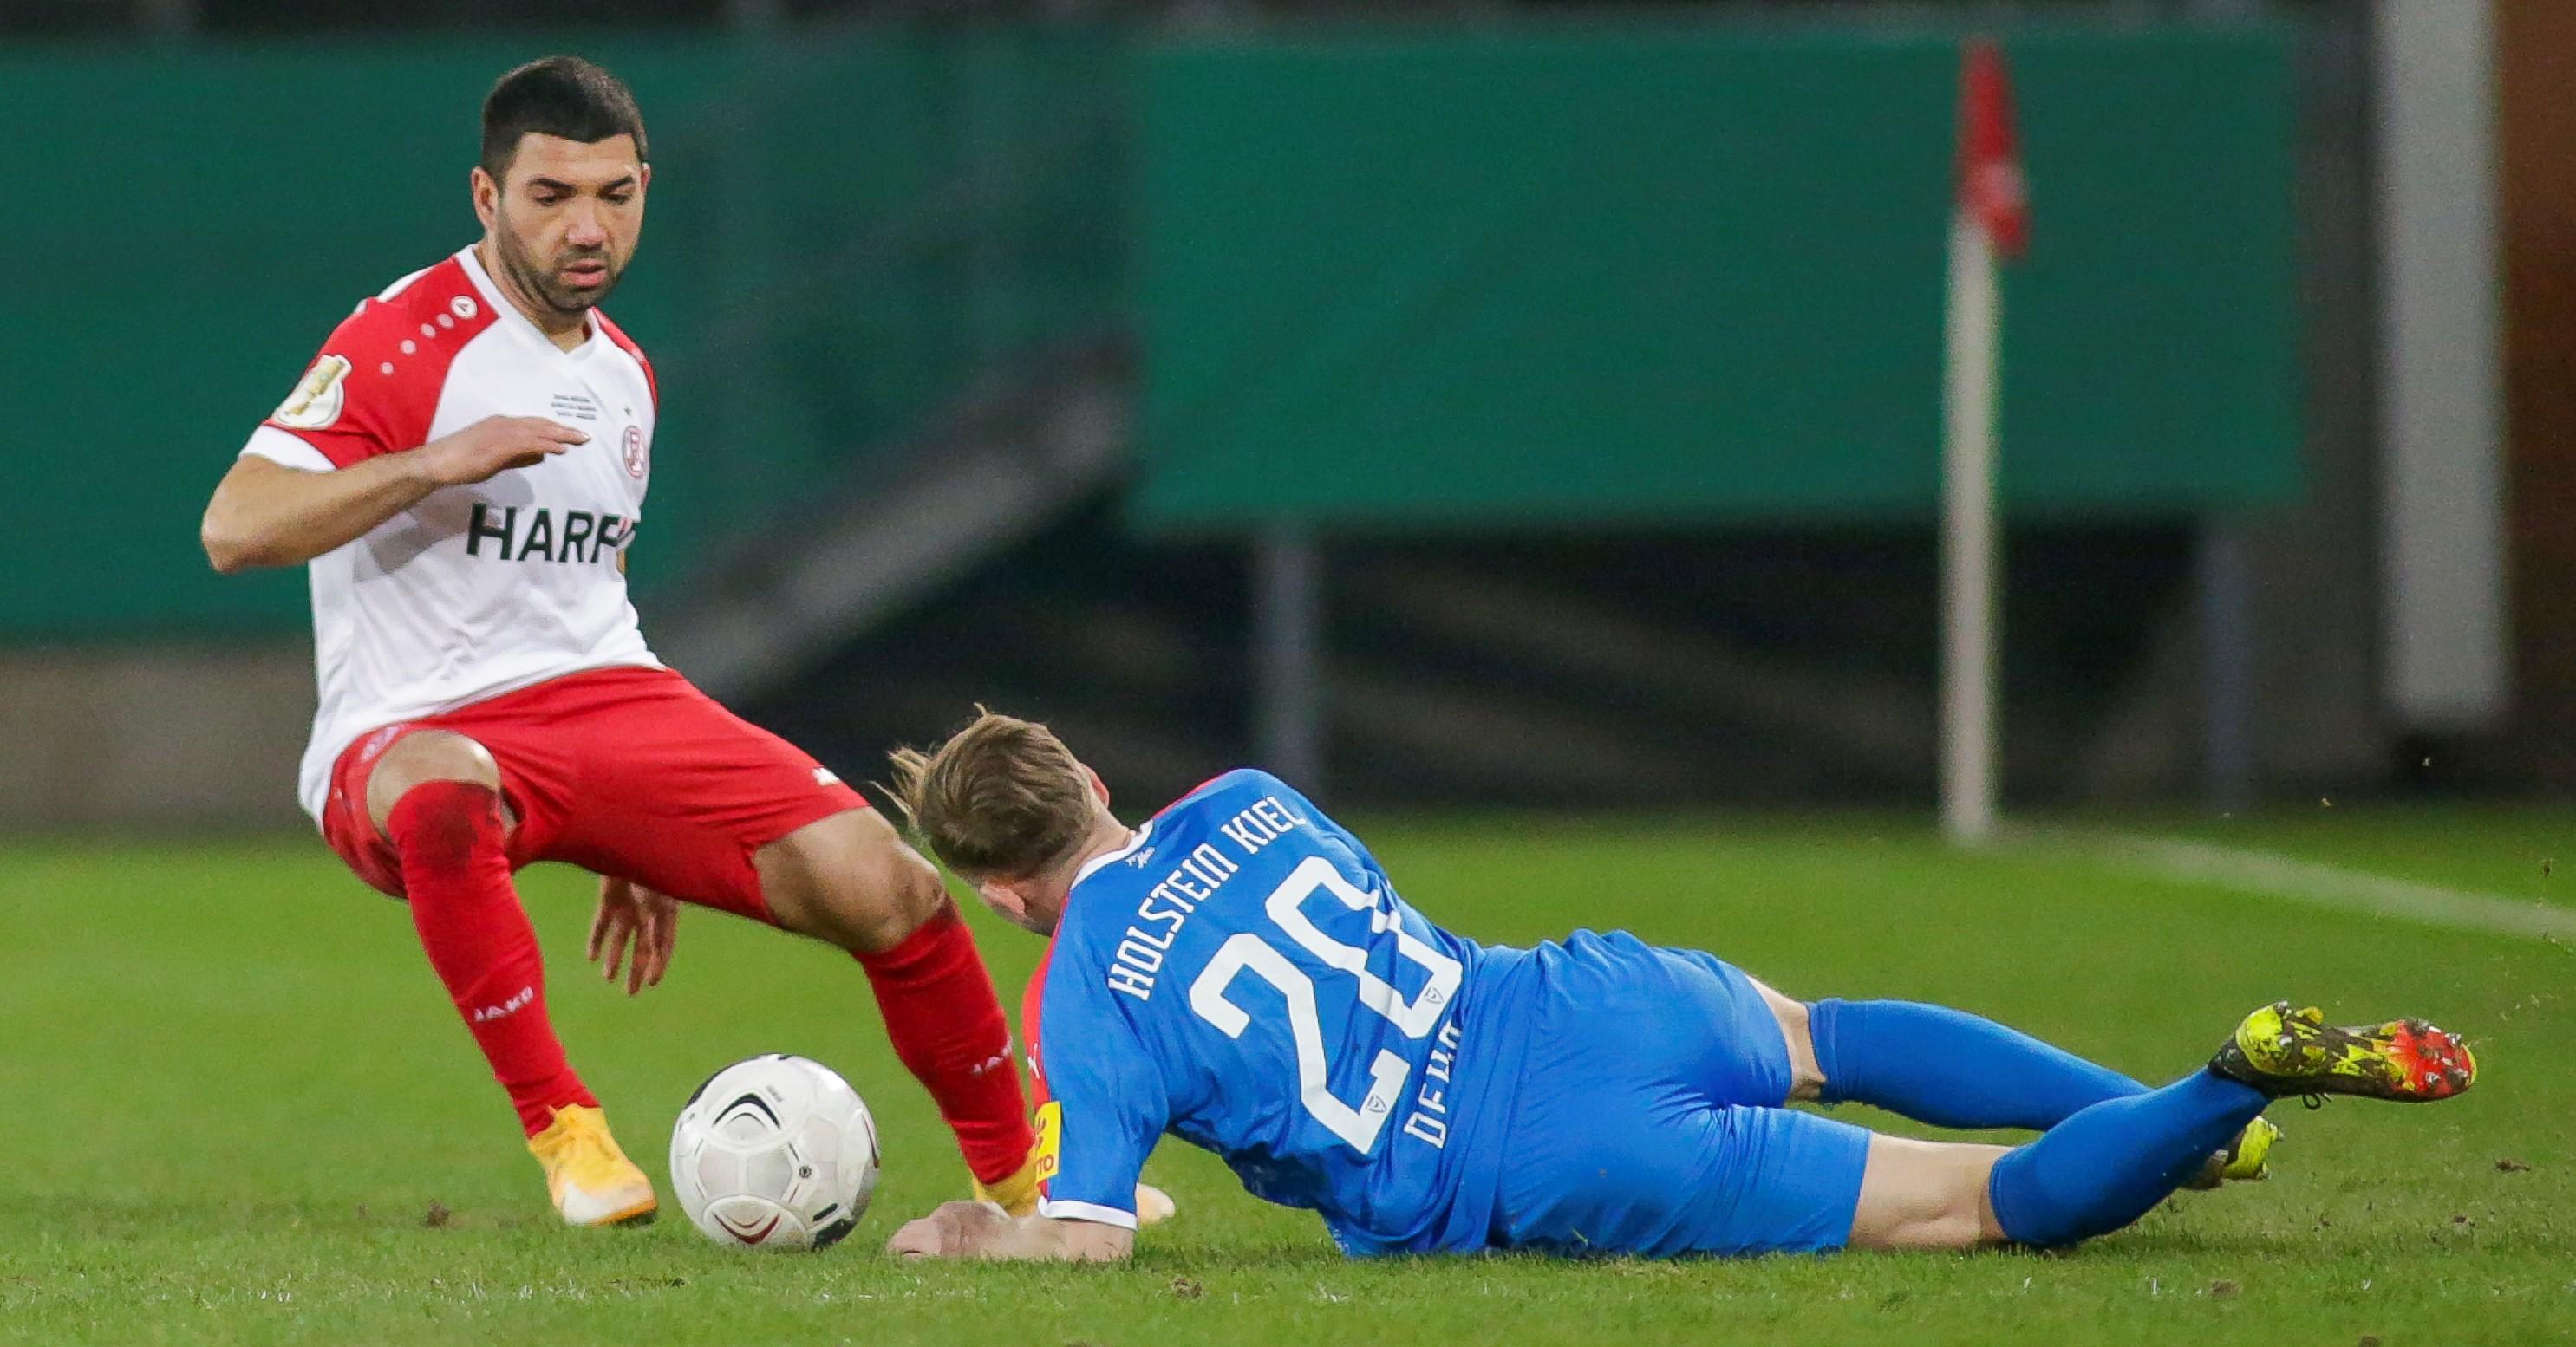 Mit seinen Treffern ebnete Oguzhan Kefkir erst den Weg ins DFB-Pokal Achtel-, dann später ins Viertelfinale. (Foto: Endberg)